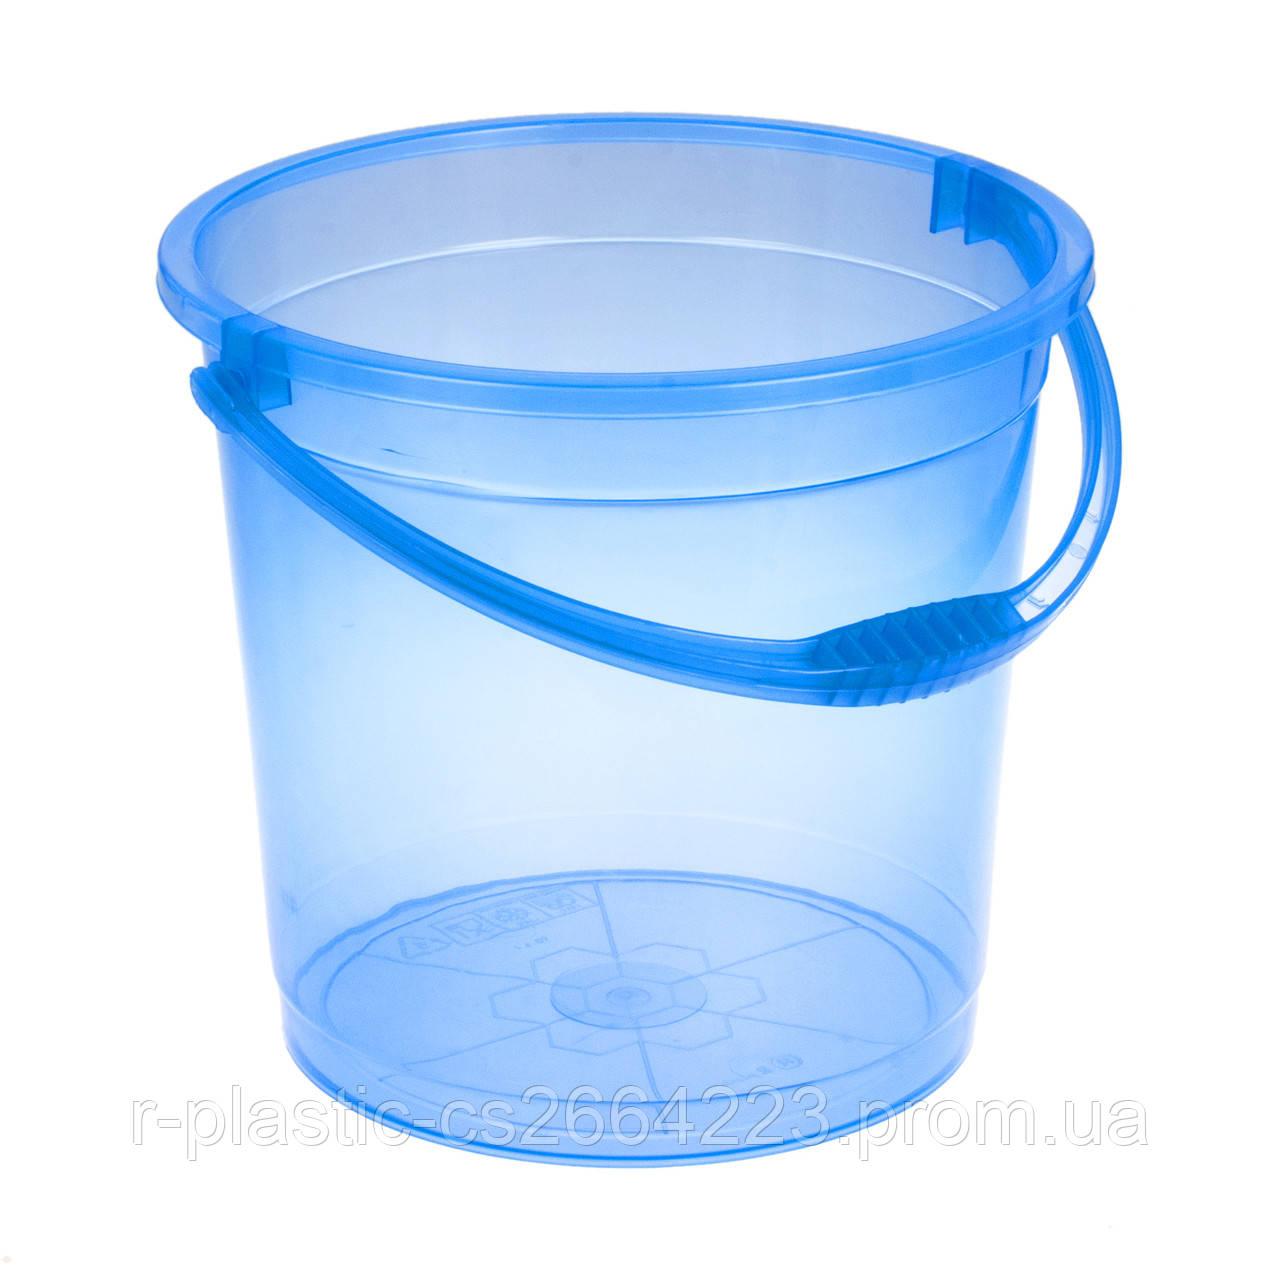 Відро прозоре без кришки 10л R-Plastic блакитне